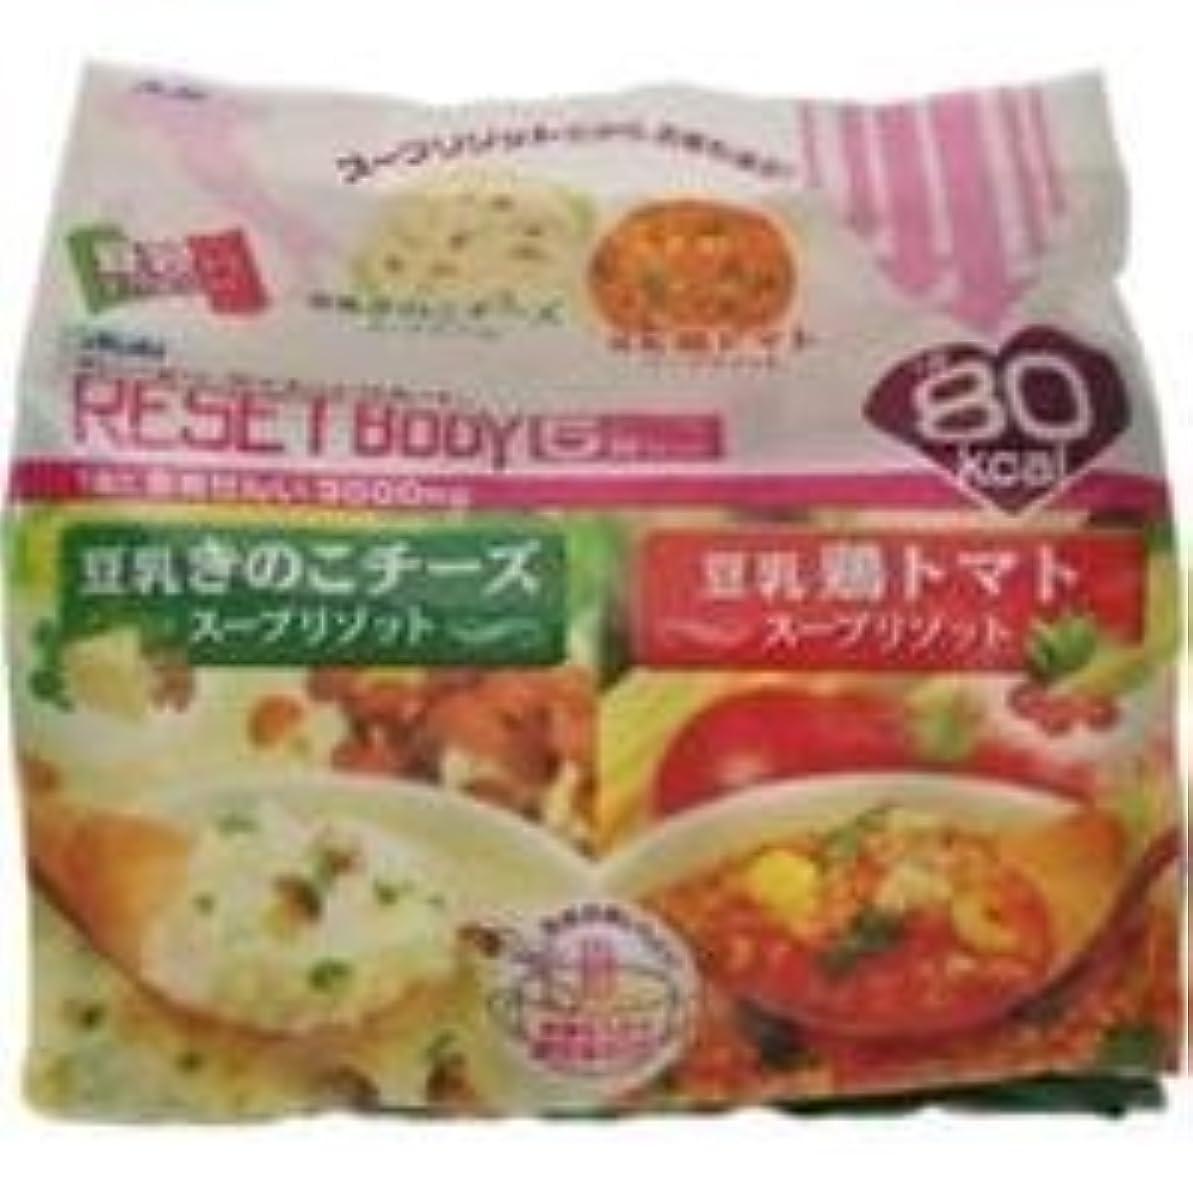 矢マイナー迫害するリセットボディ リセットボディ 豆乳きのこチーズ&鶏トマトスープリゾット 5食 きのこ3食+???2食 1袋